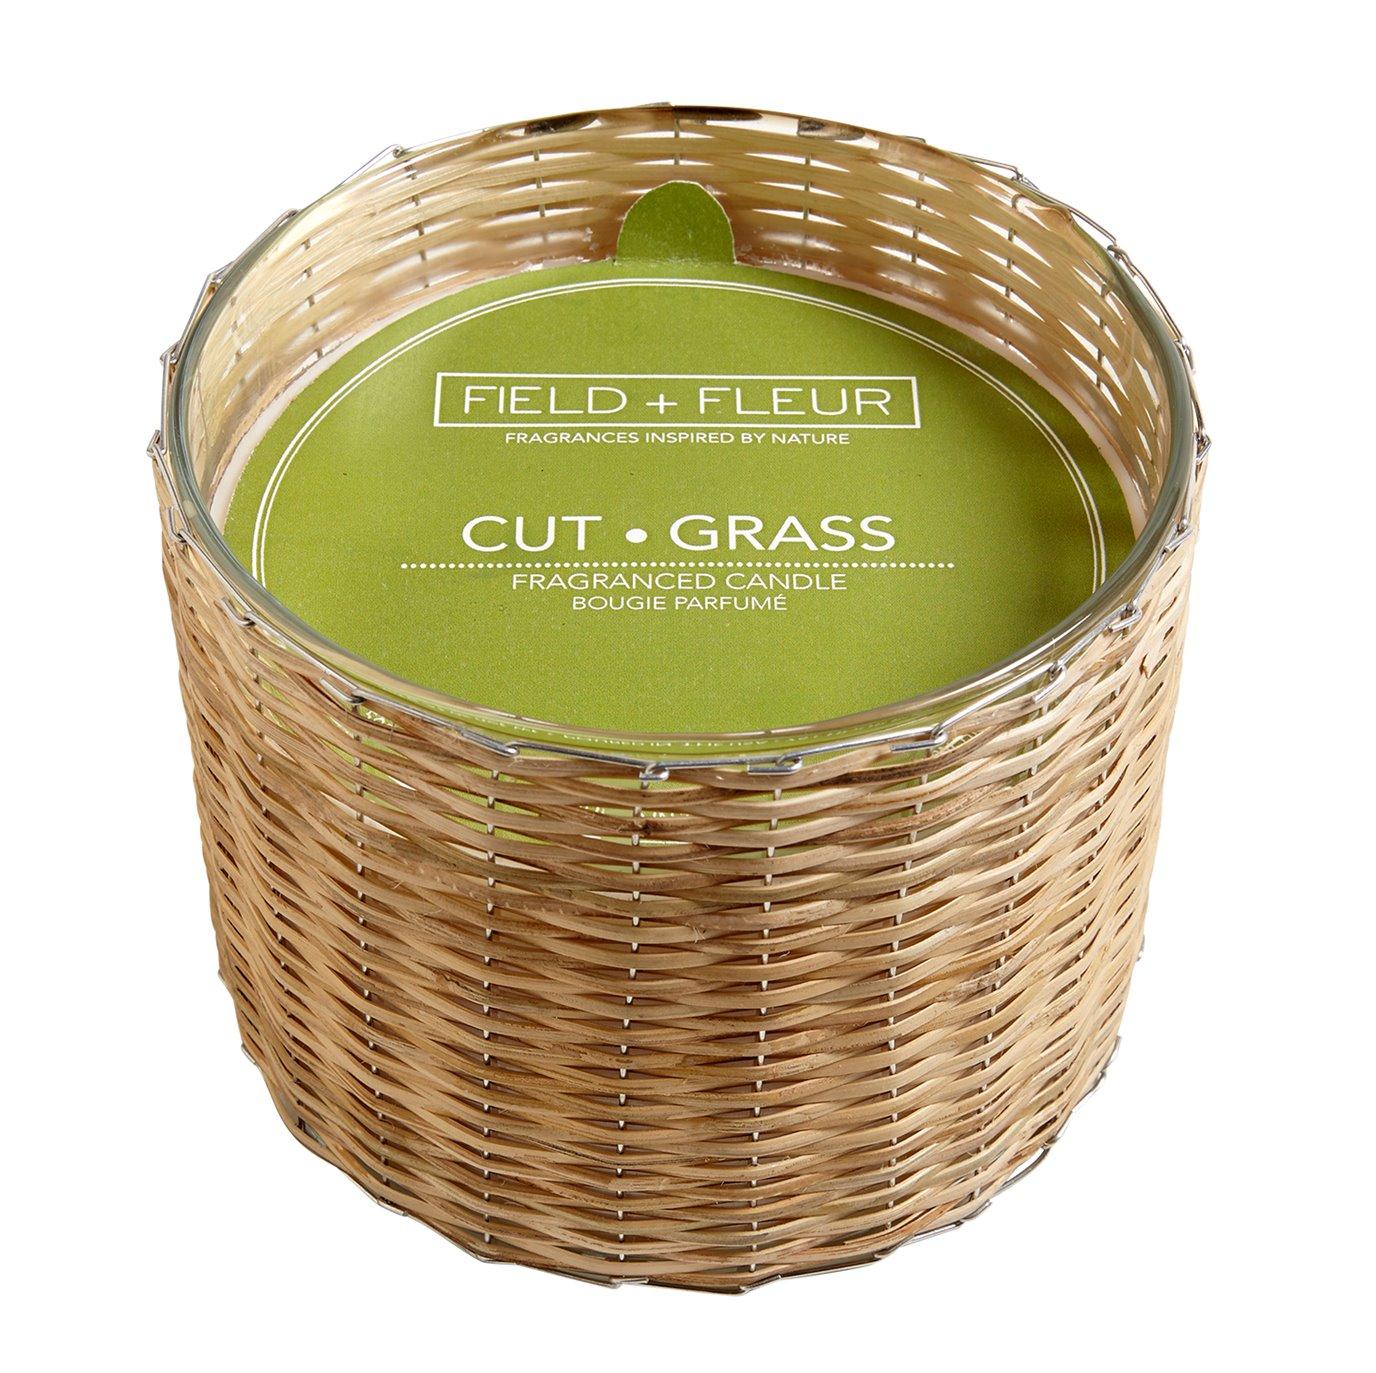 Field + Fleur Cut Grass